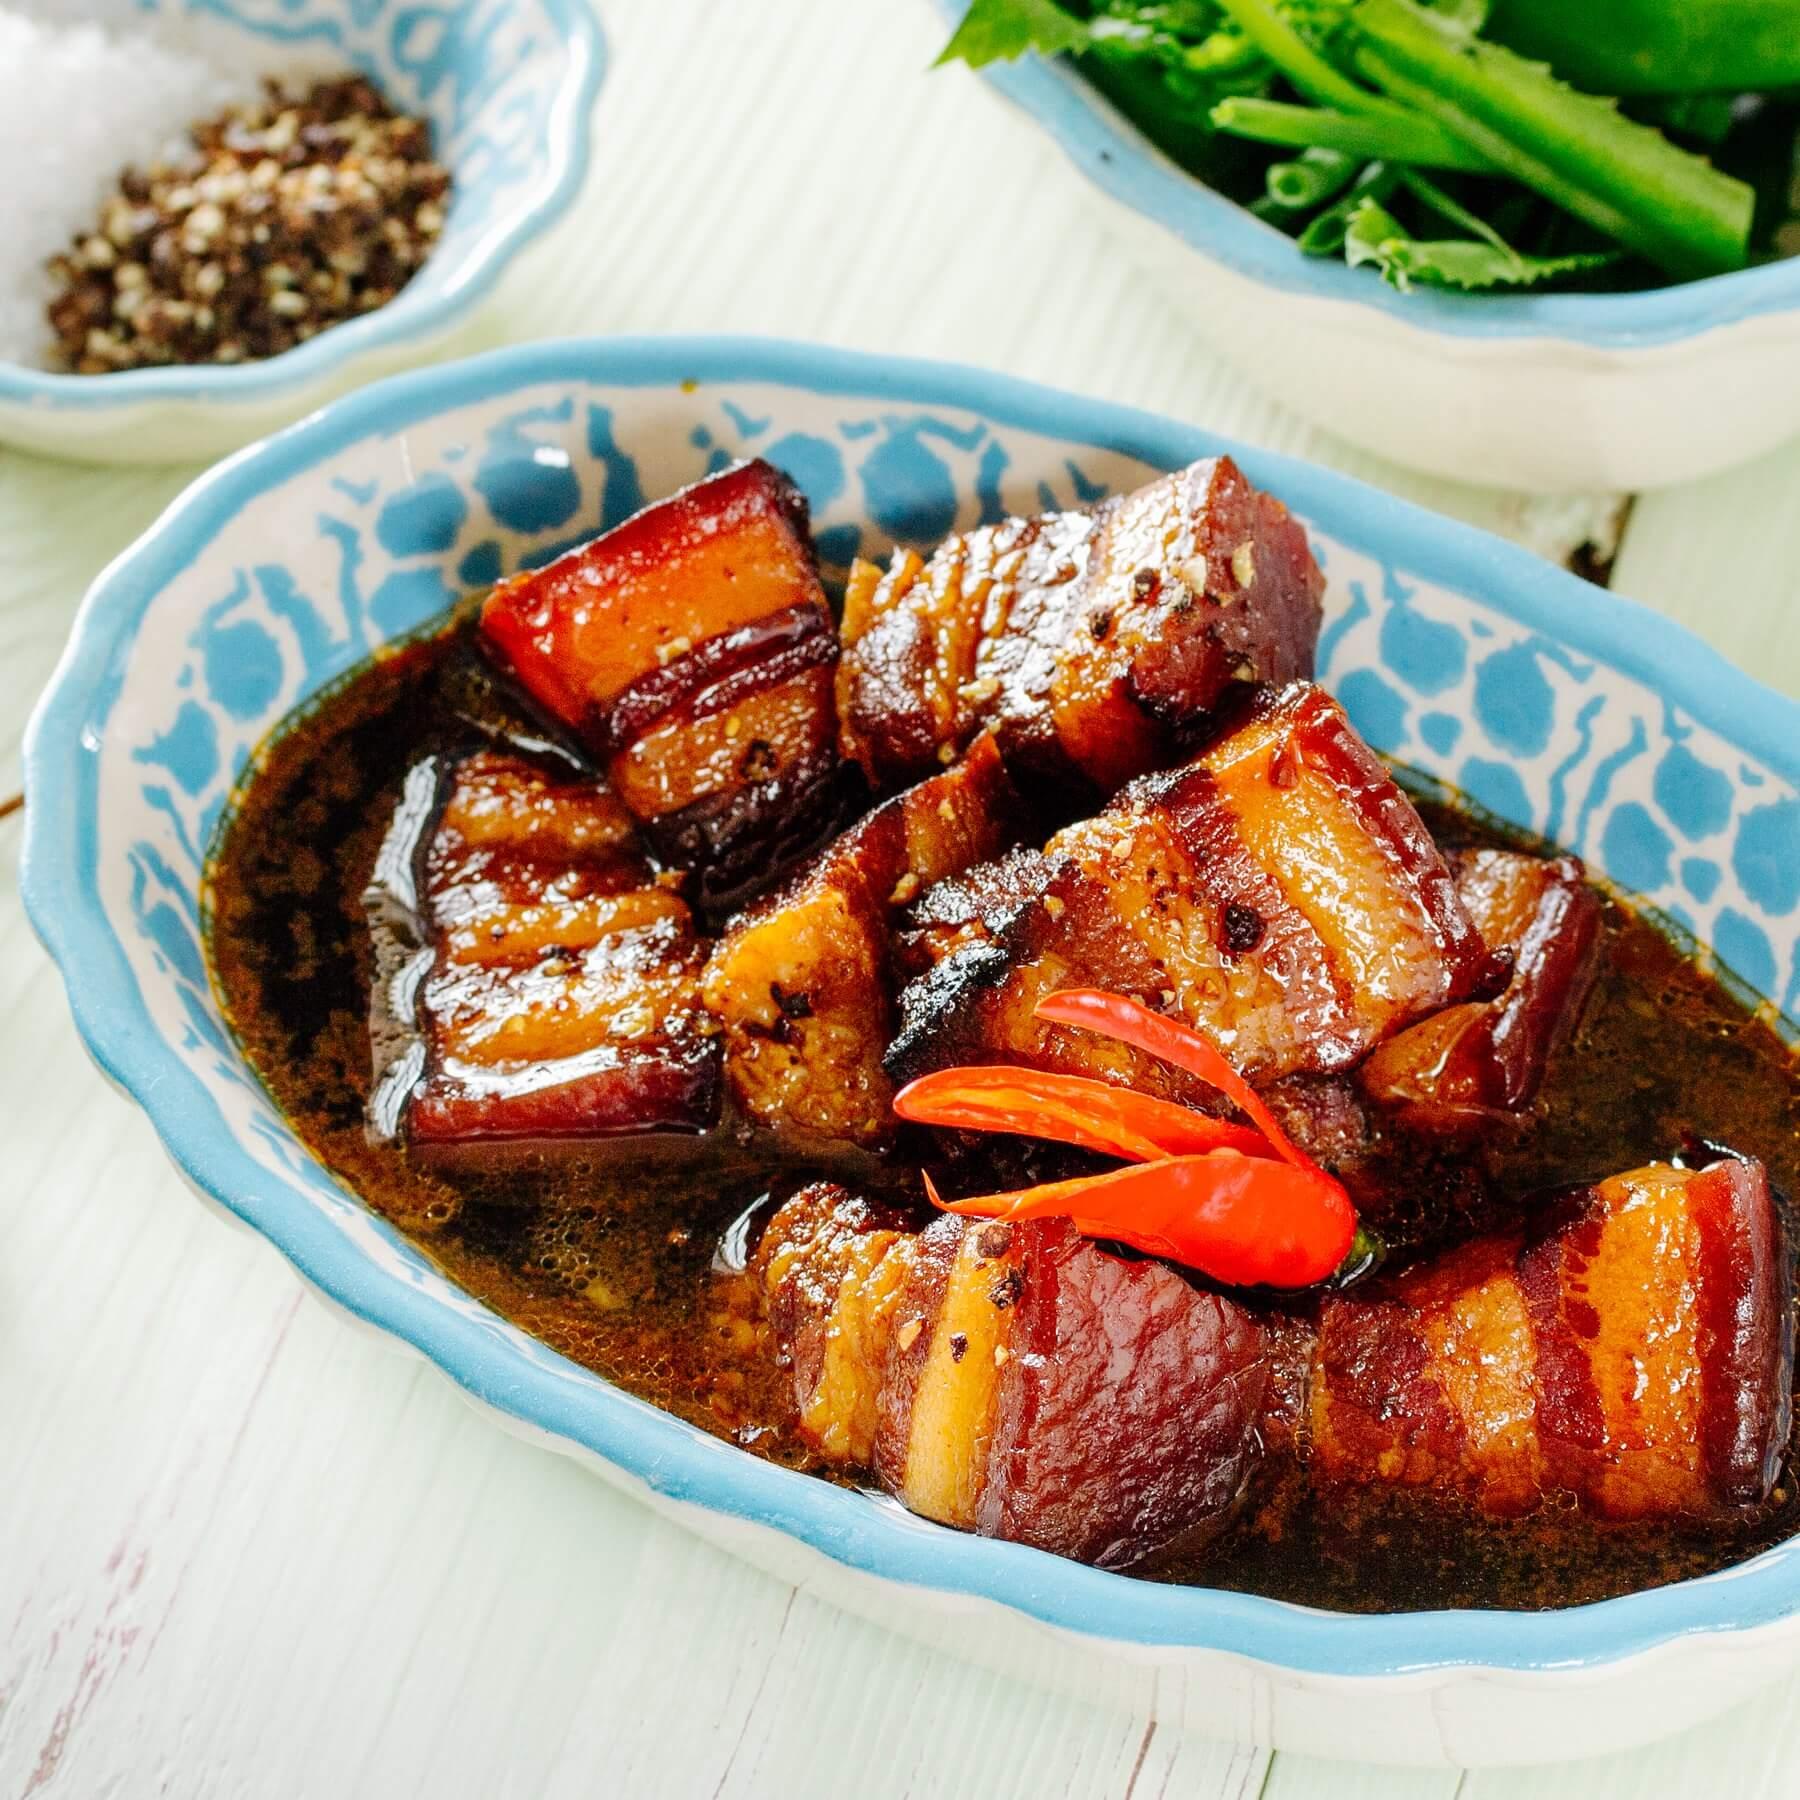 Geschmortes Schwein in Karamell - Thit Kho